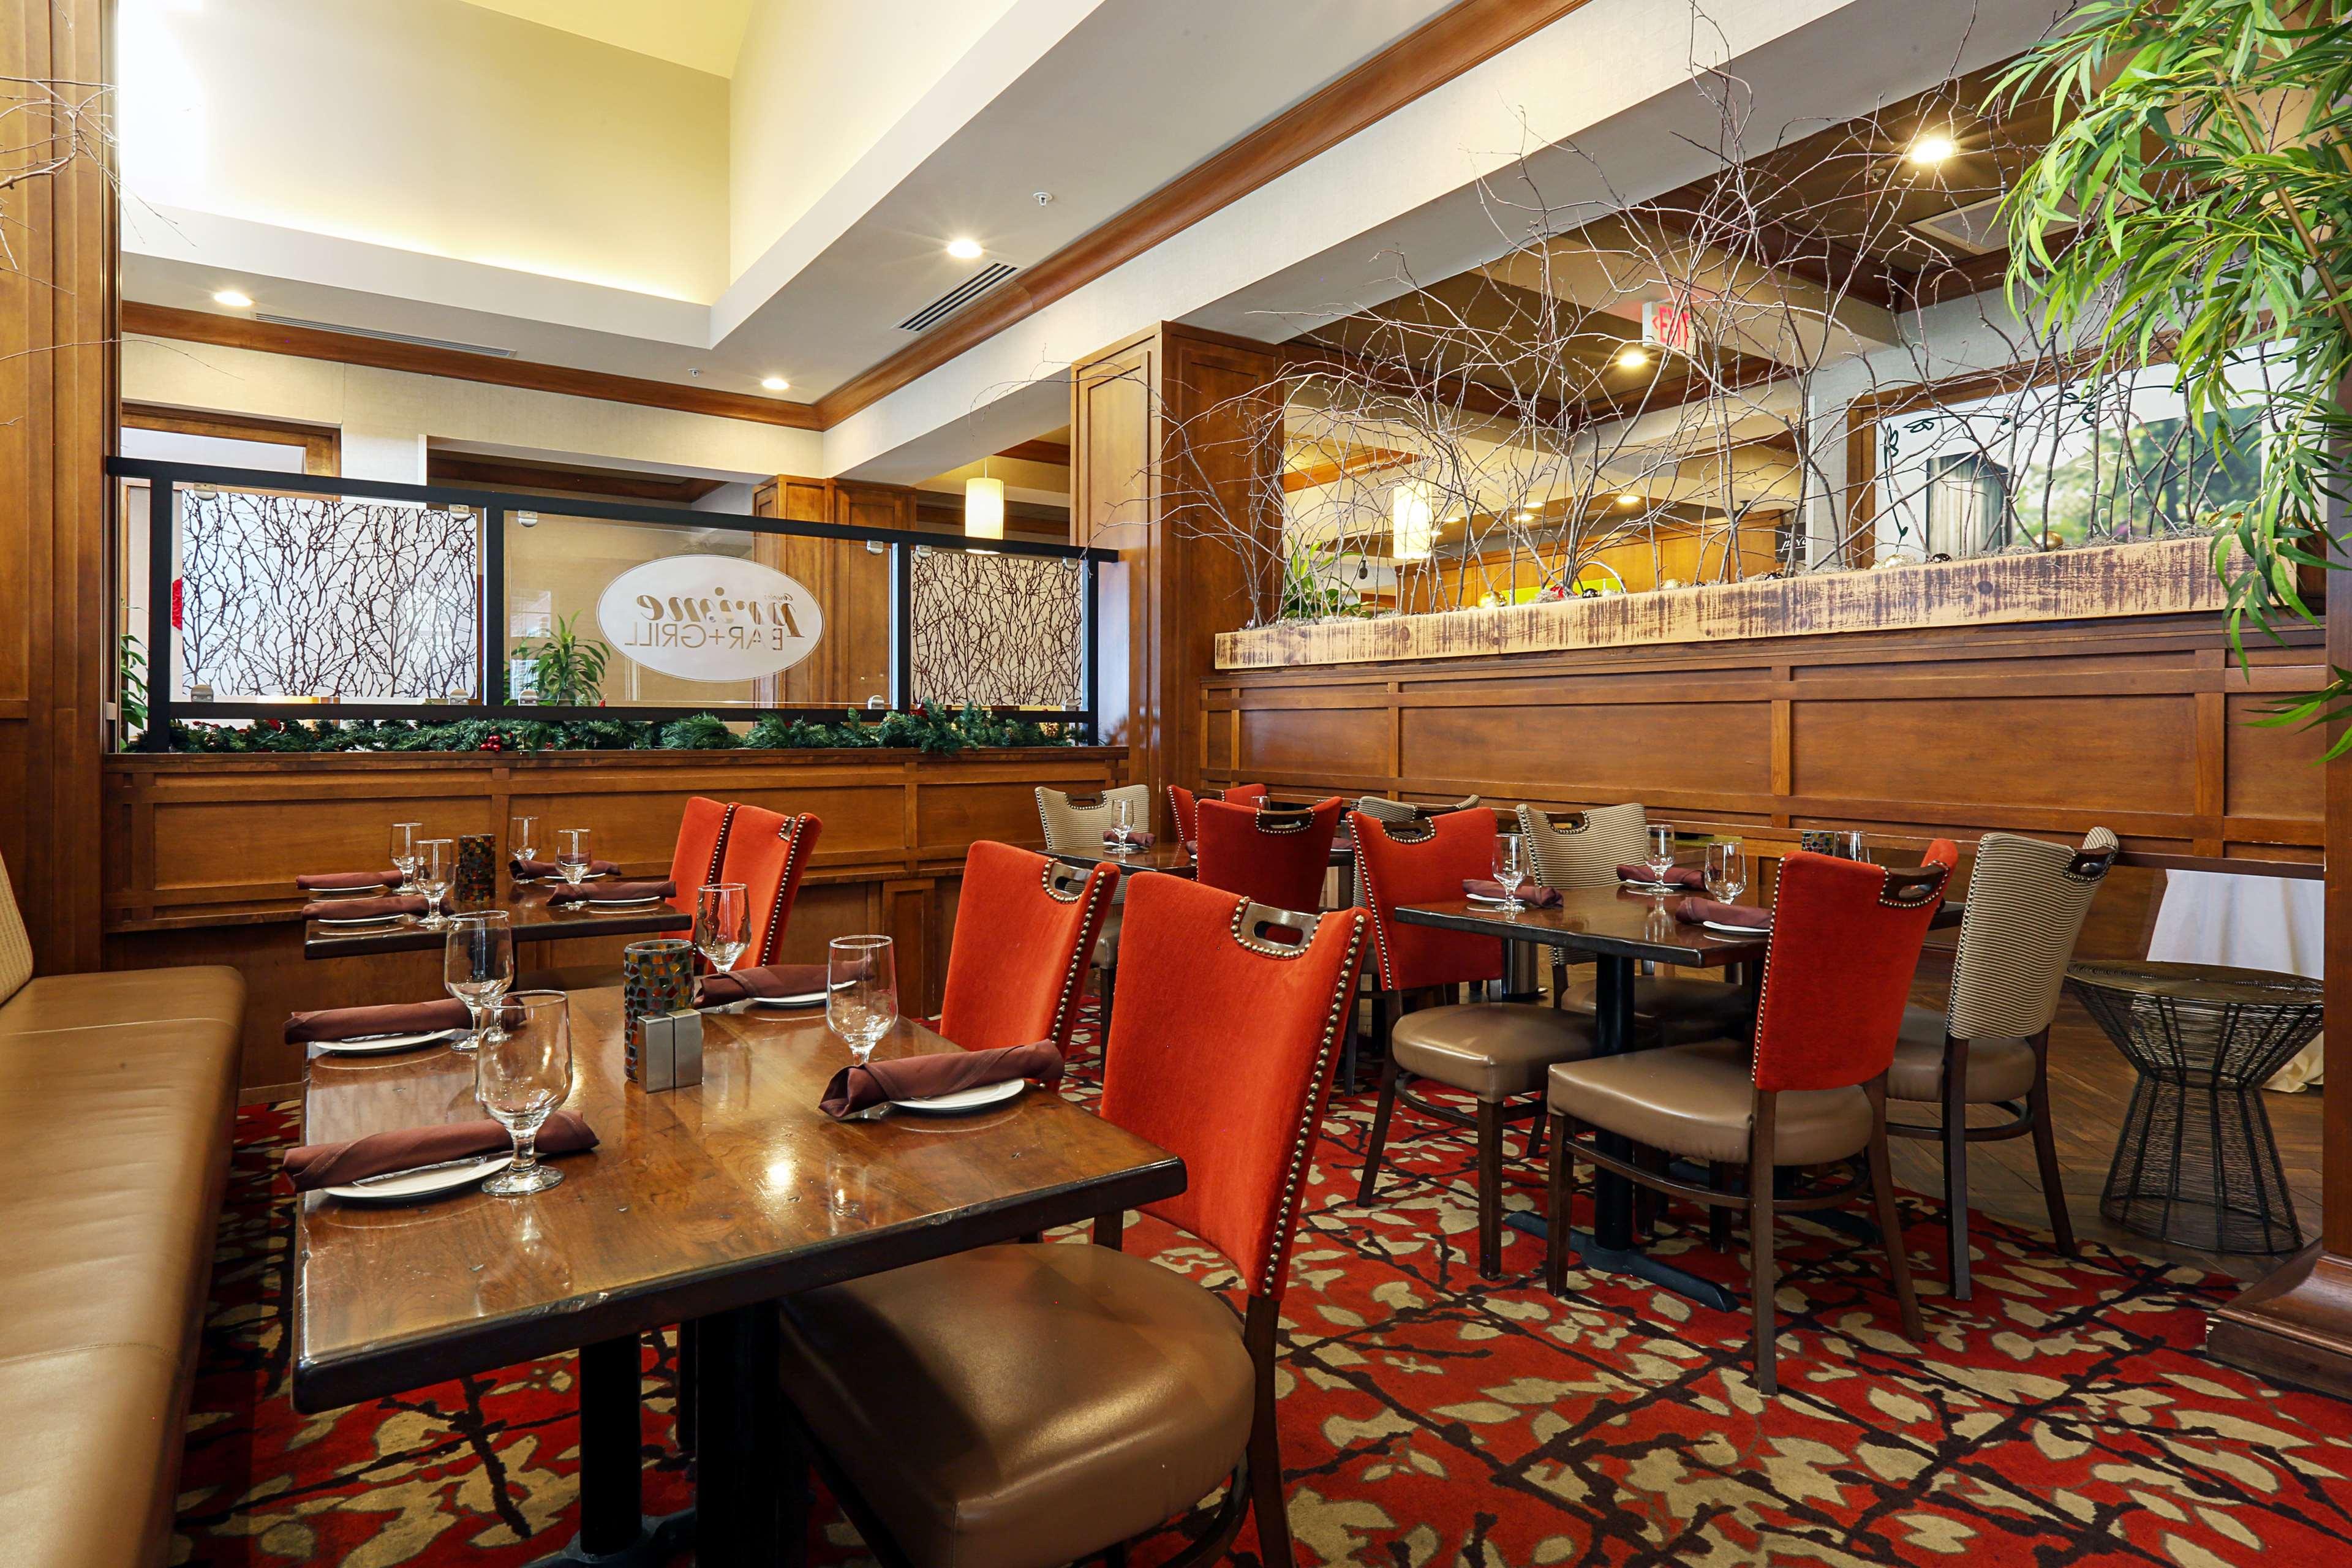 Hilton Garden Inn Clifton Park image 9